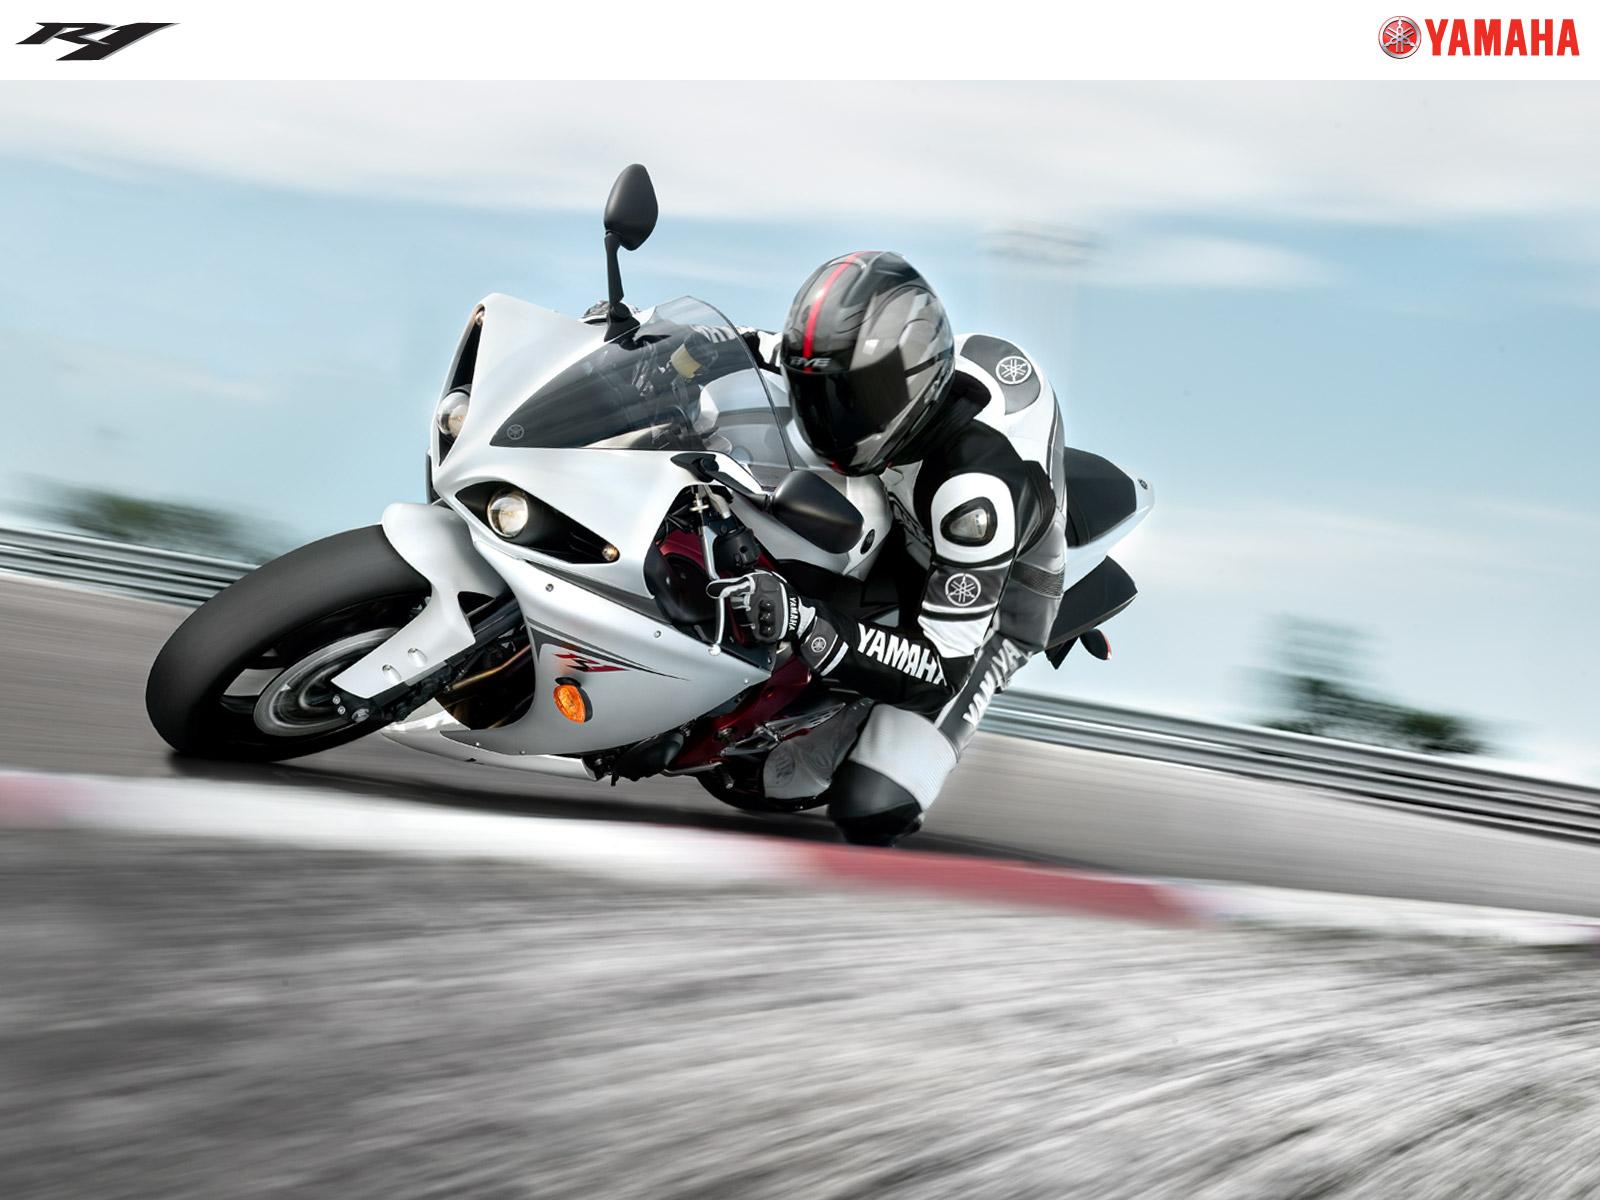 Bikes Motorcycles HD Wallpapers Widescreen Bikes Desktop Backgrounds 1600x1200